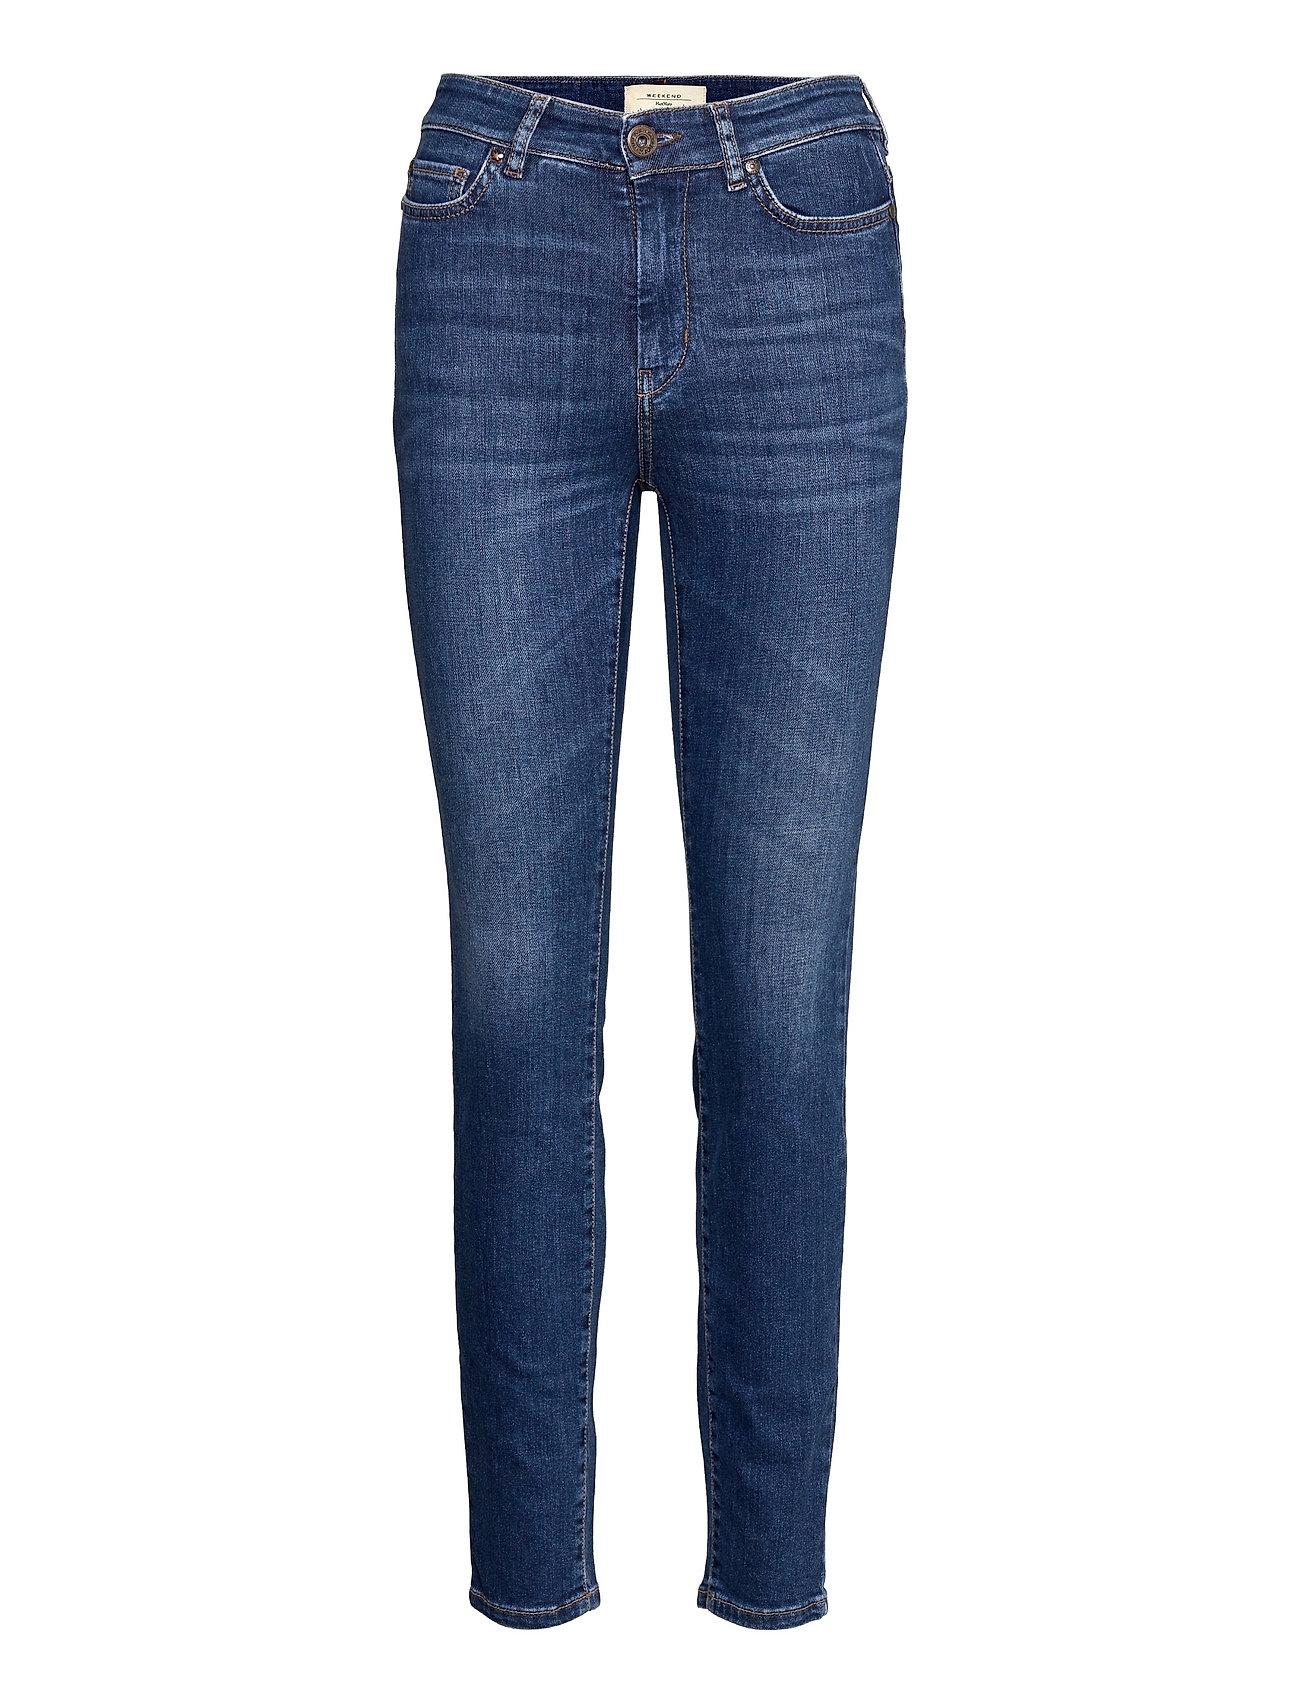 Tenace Slim Jeans Blå Weekend Max Mara